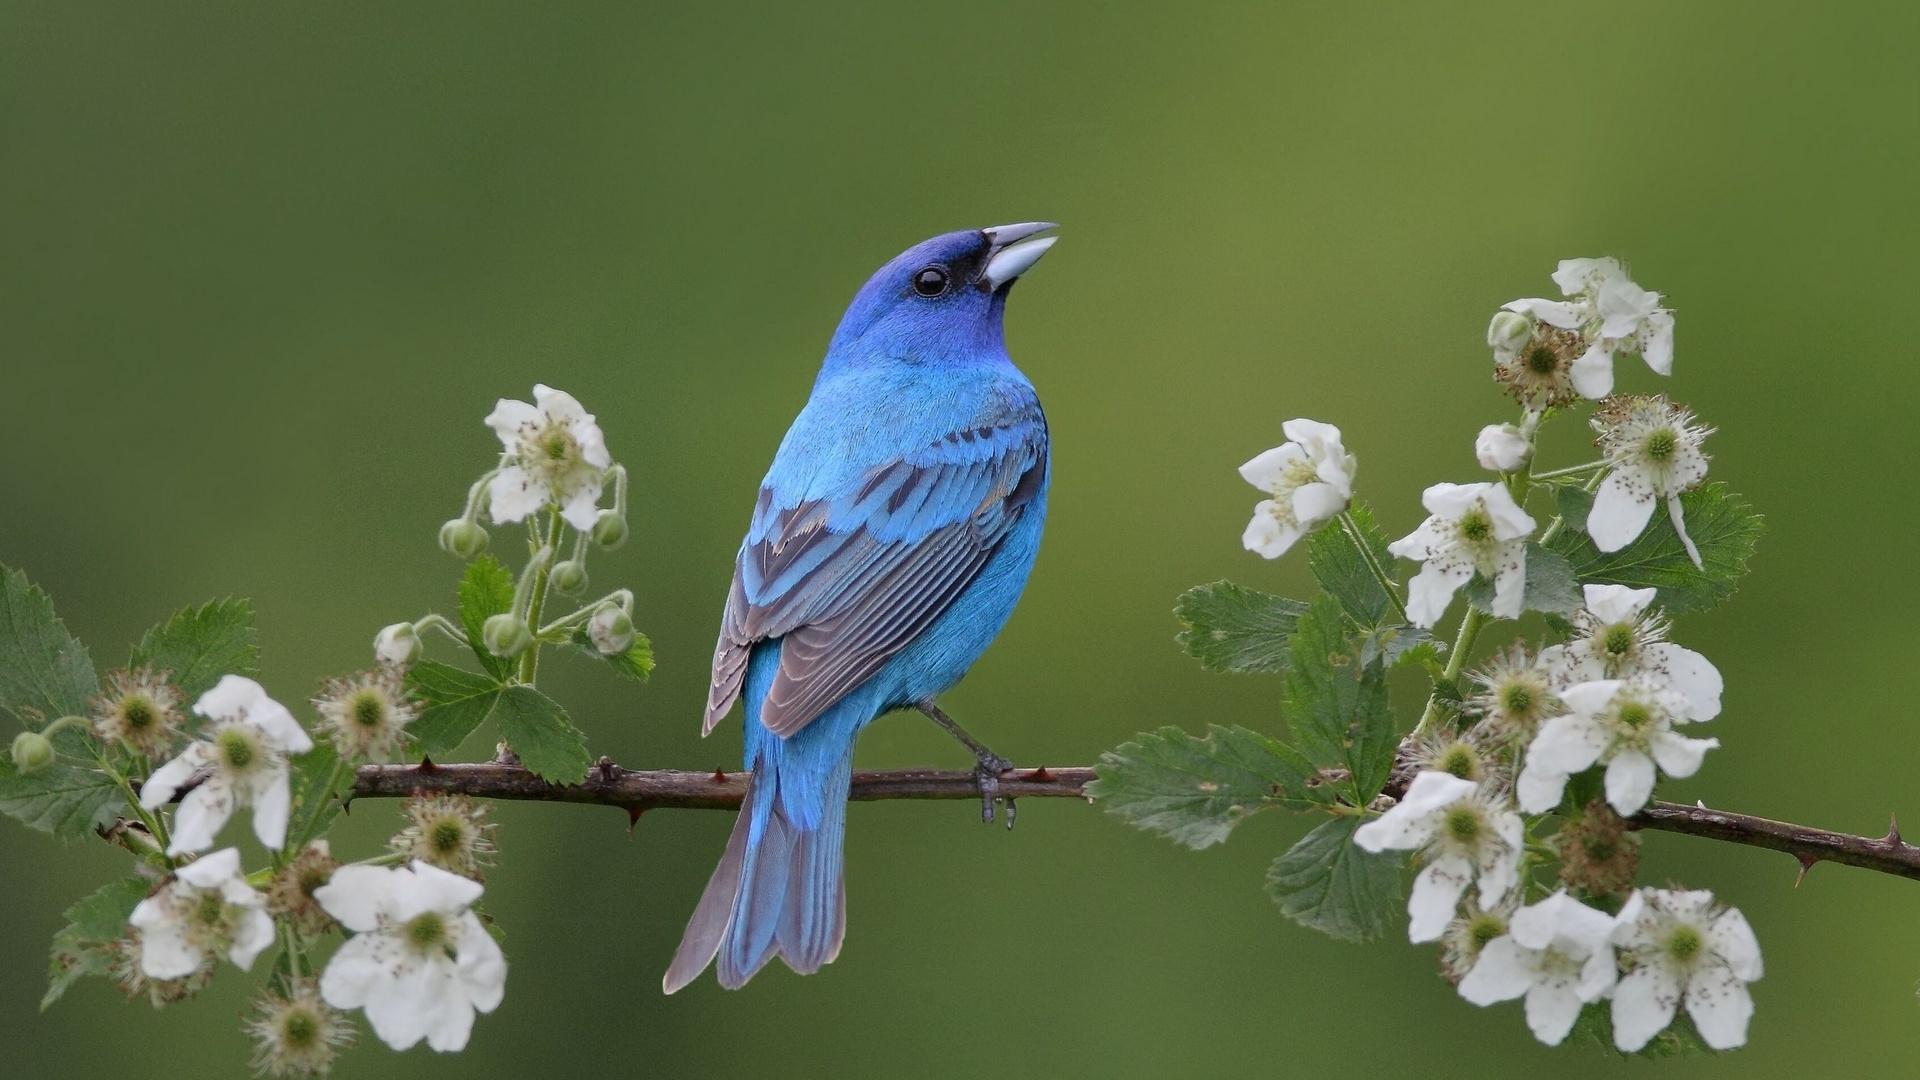 птицы картинки широкоформатные что, судя